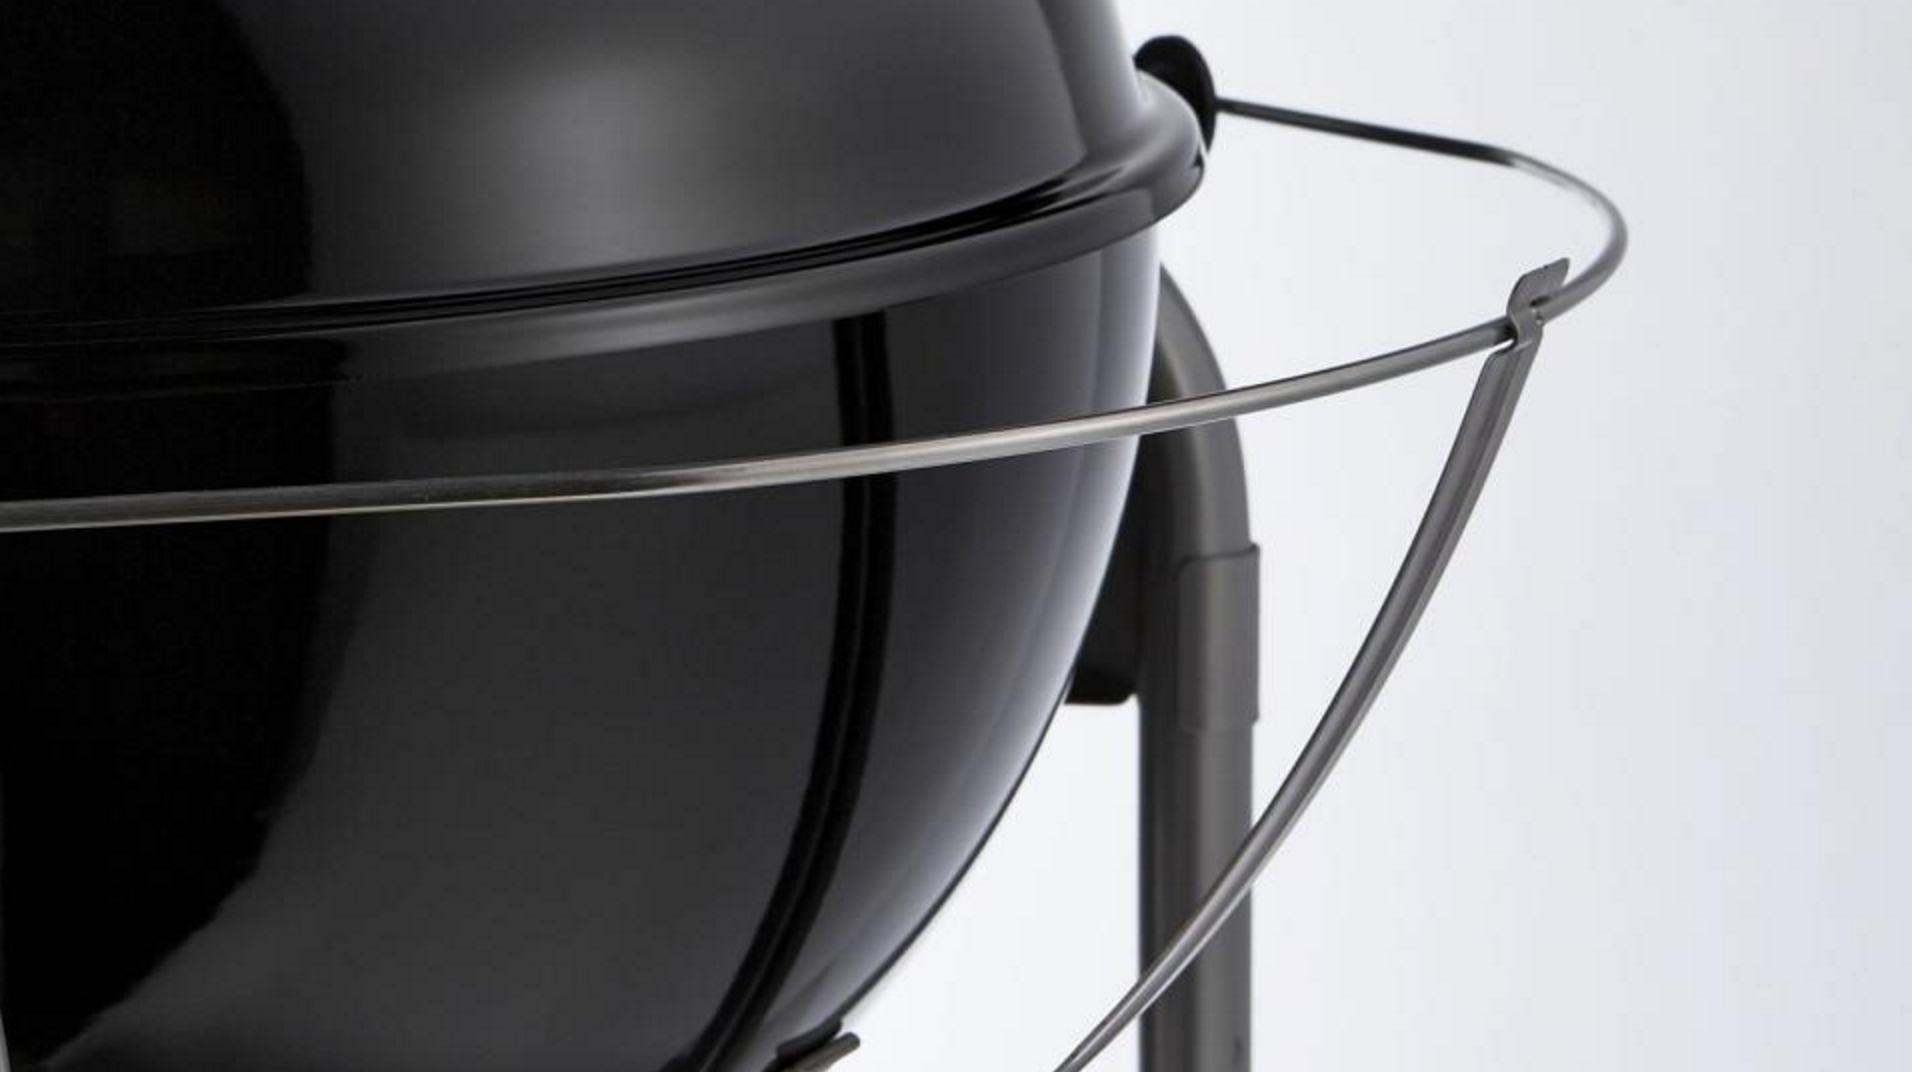 Tuck-away lid holder